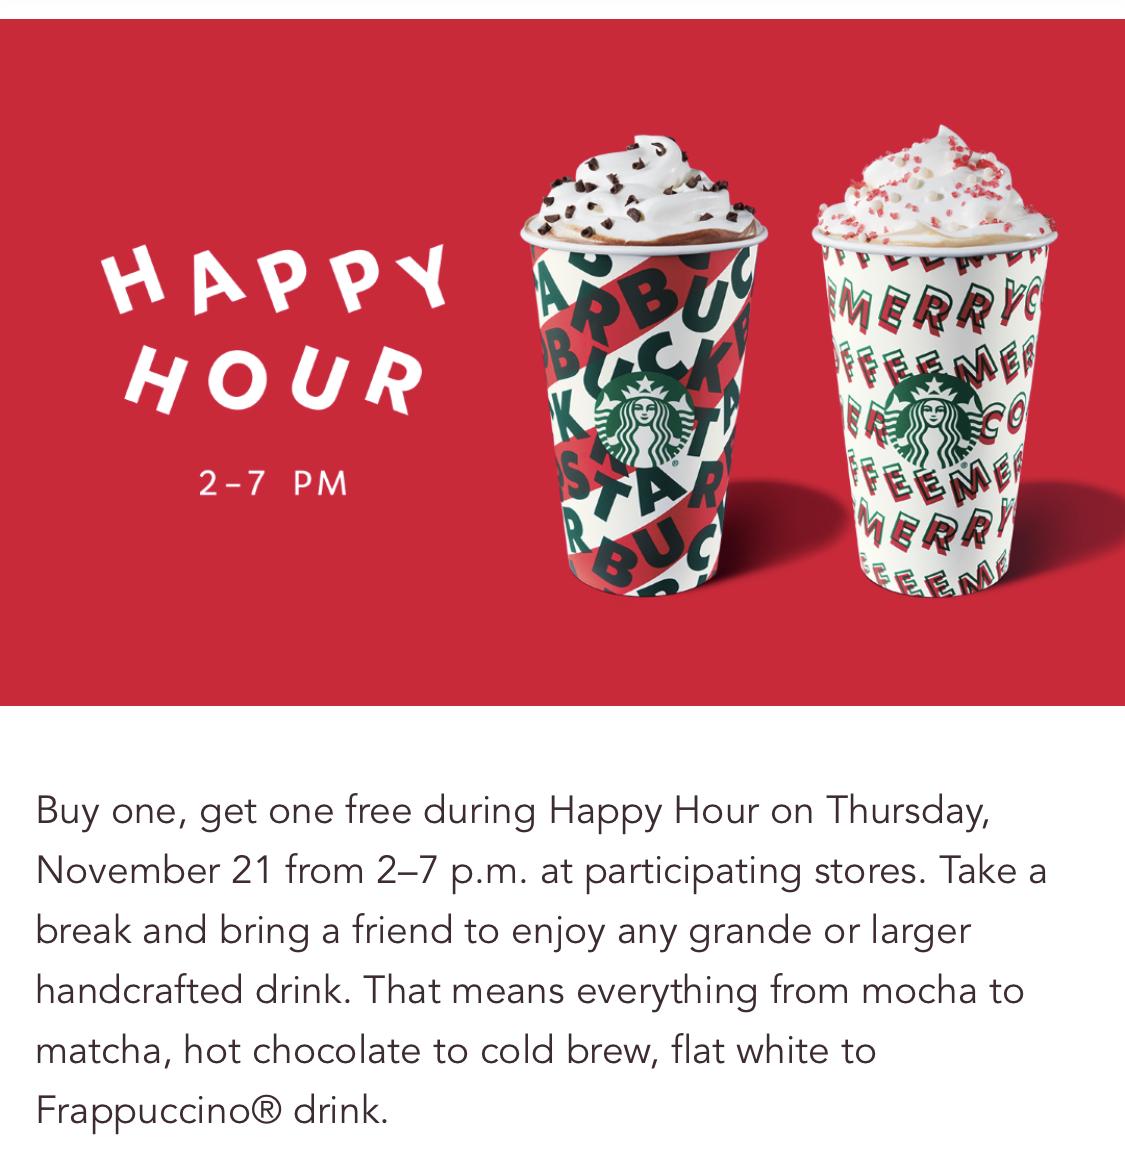 Starbucks:任何手调饮品可享买一送一优惠 (只限Starbucks会员)